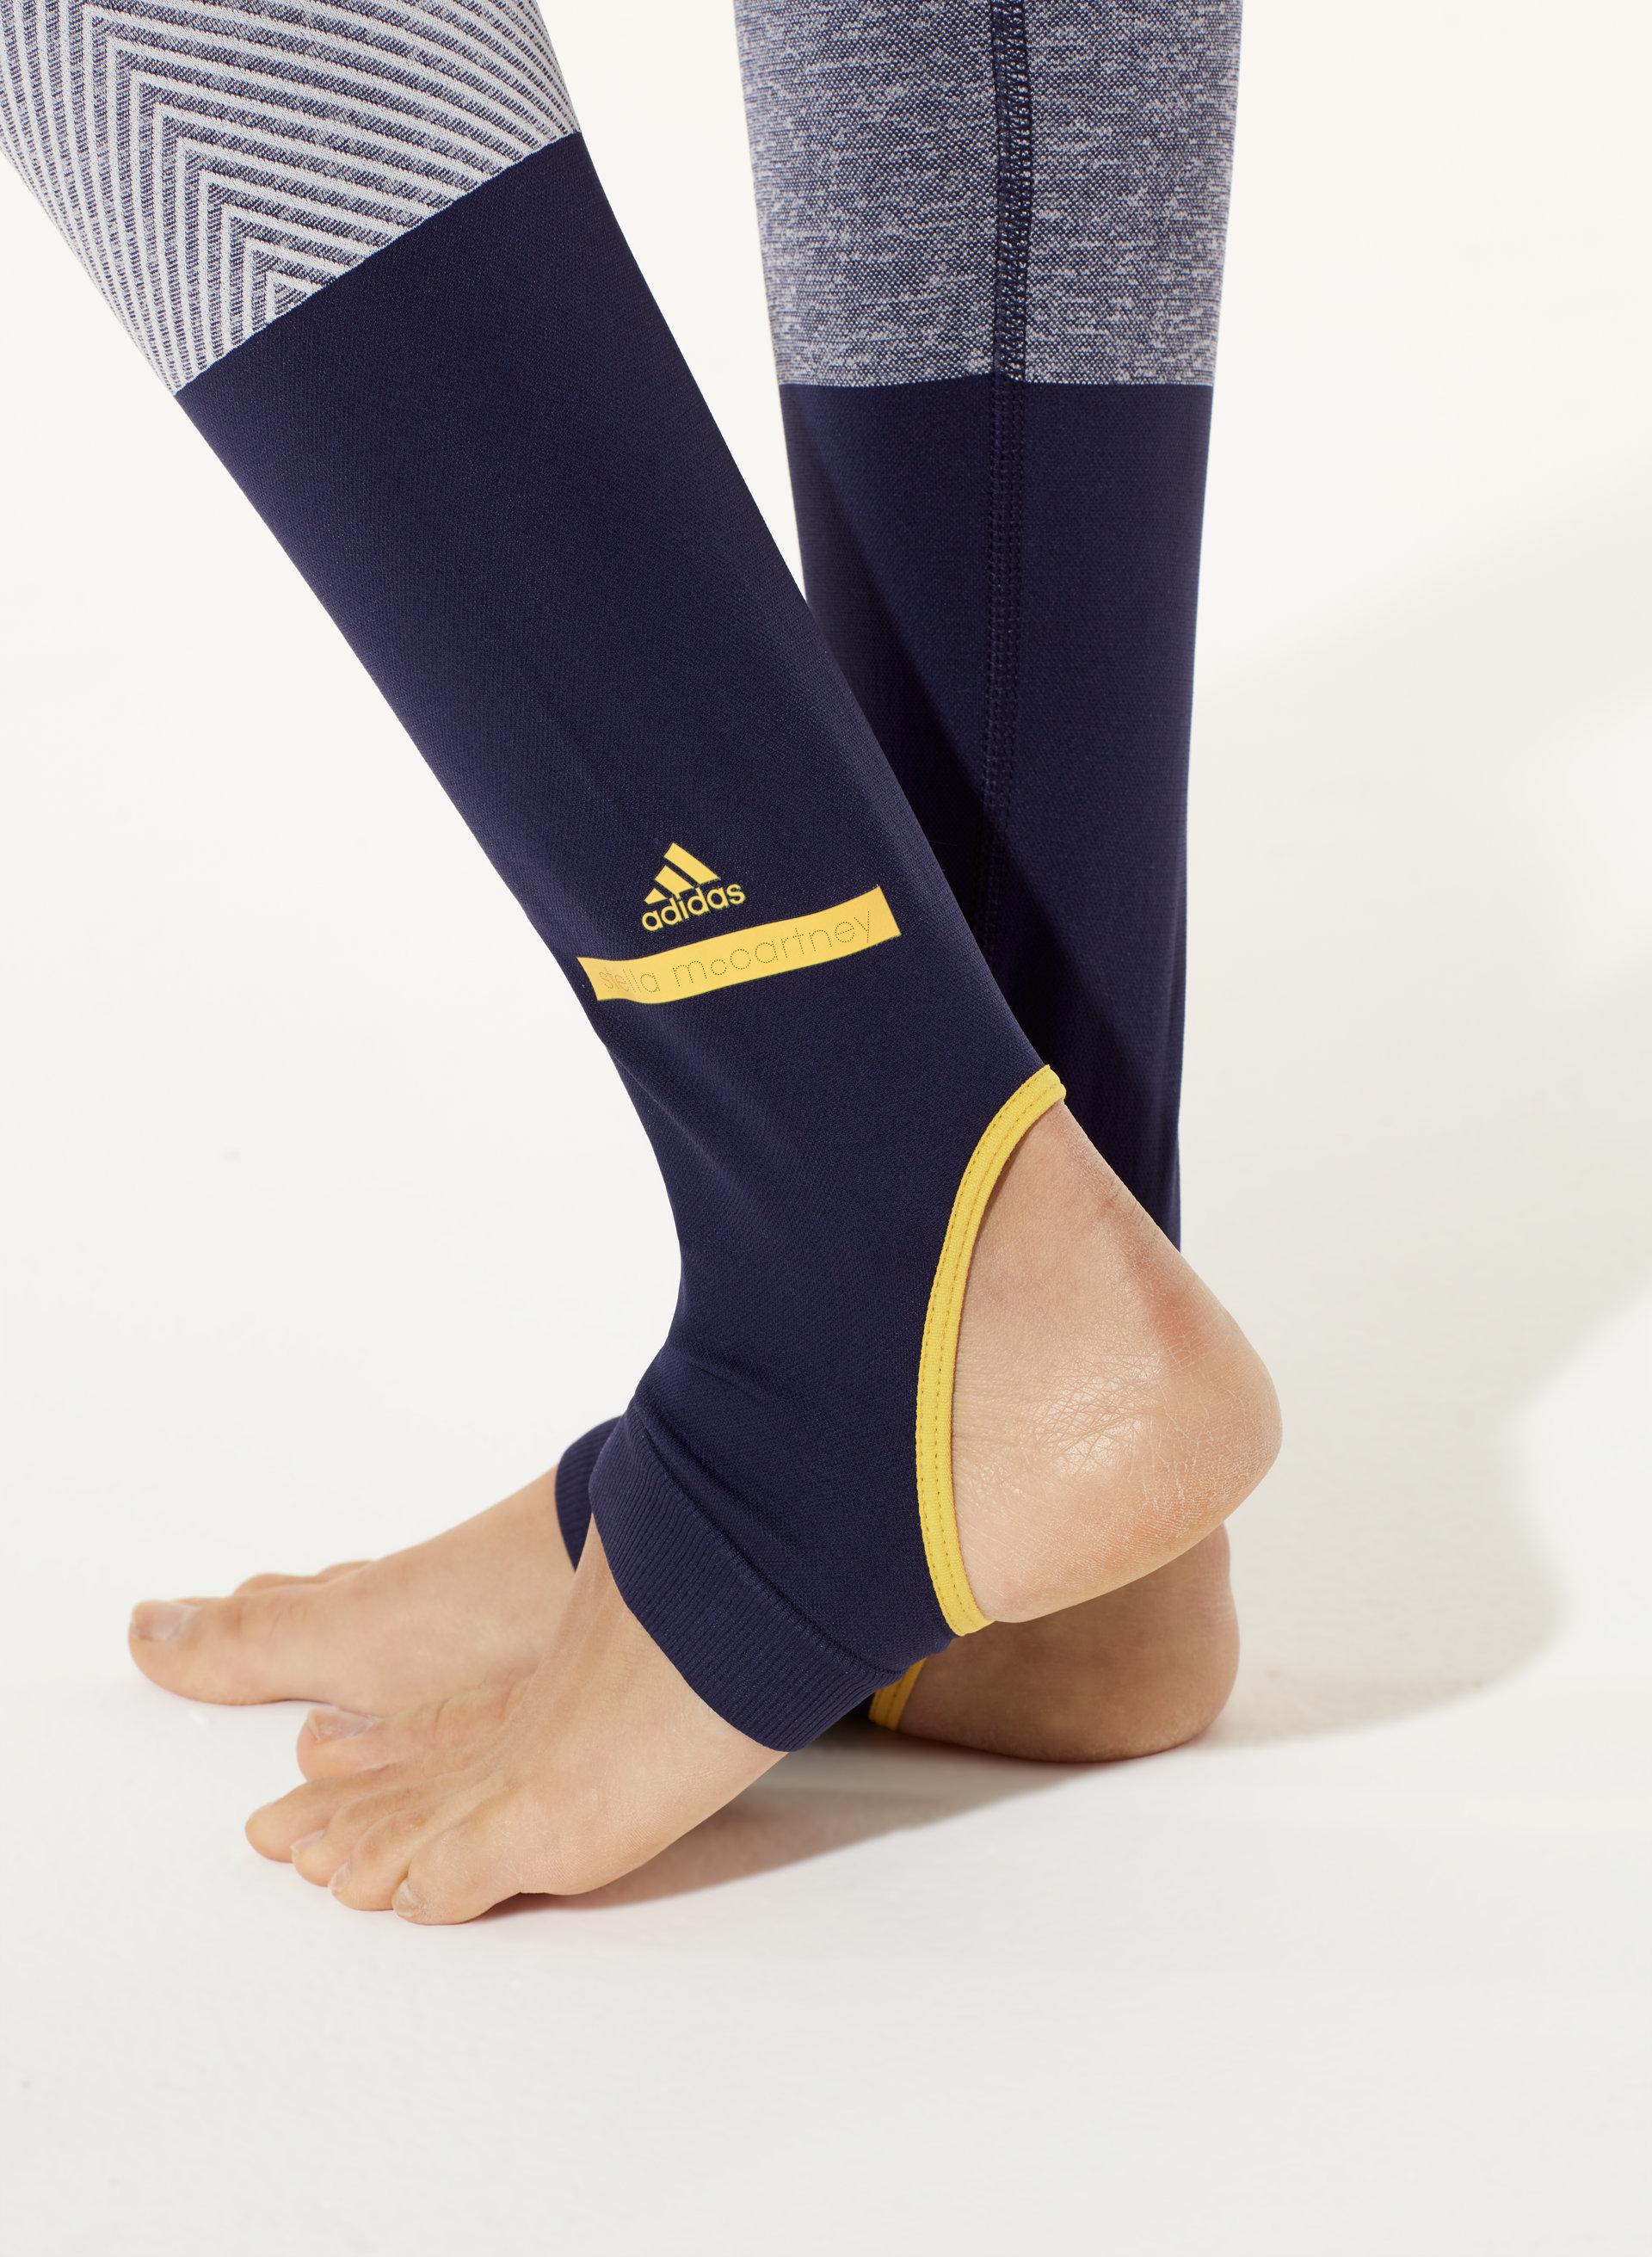 Adidas Medias De Yoga De Stella Mccartney pHd2Nm0kKk